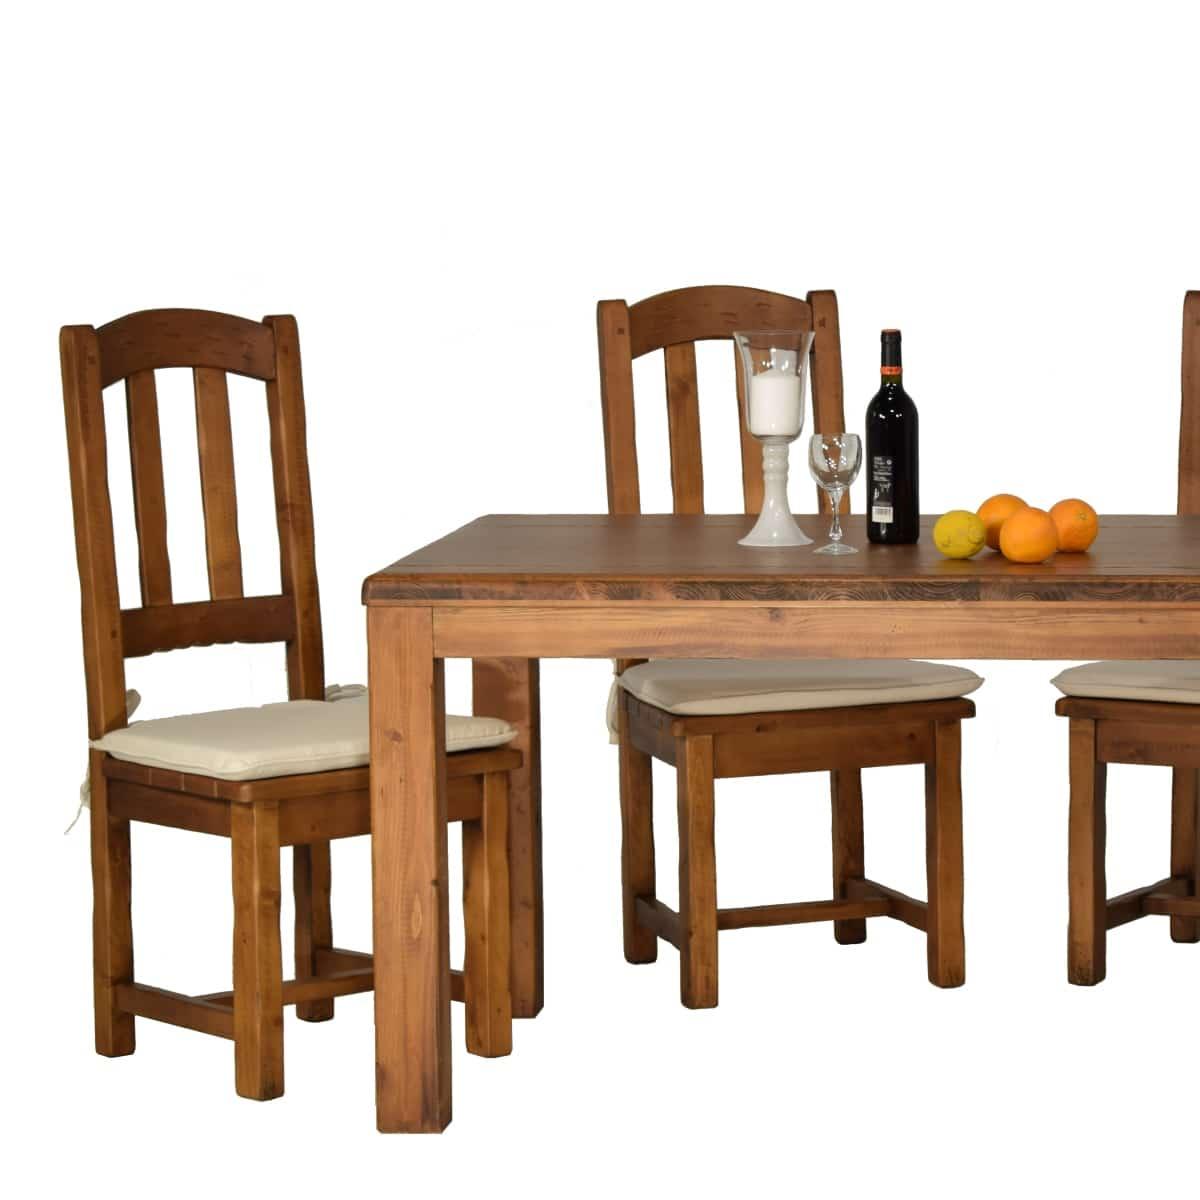 Silla alta rústica asiento de madera. Ecorústico: venta de muebles